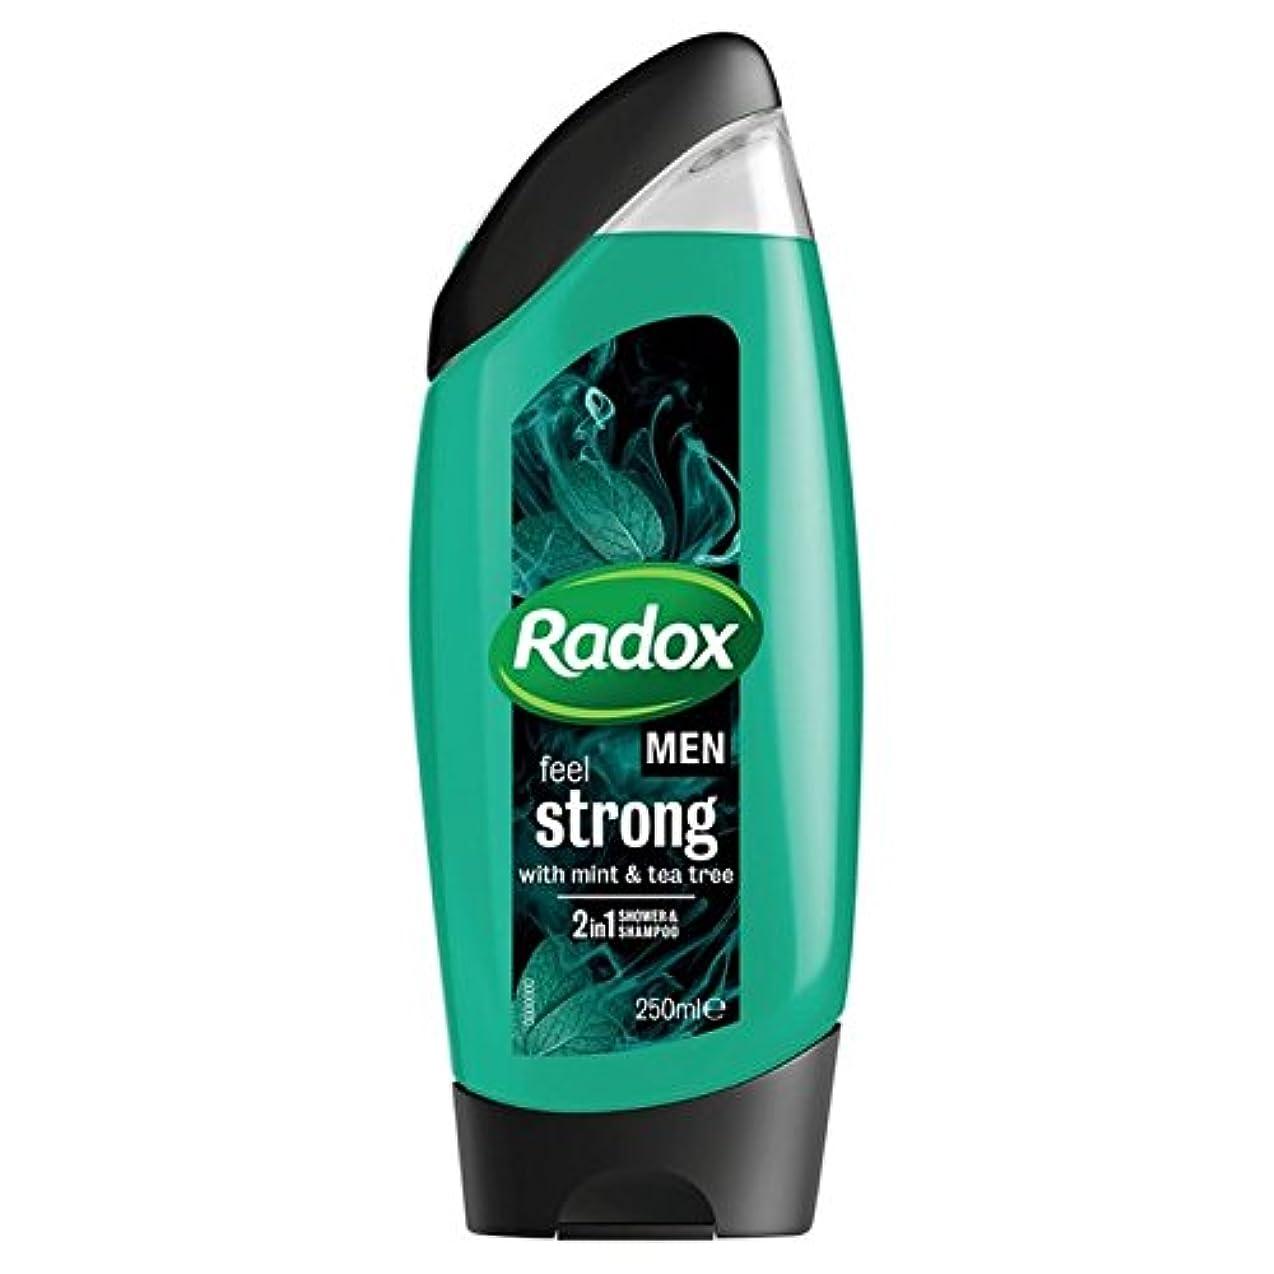 ハドル蓋理論的男性は、強力なミント&ティーツリーの21のシャワージェル250ミリリットルを感じます x2 - Radox Men Feel Strong Mint & Tea Tree 2in1 Shower Gel 250ml (Pack...